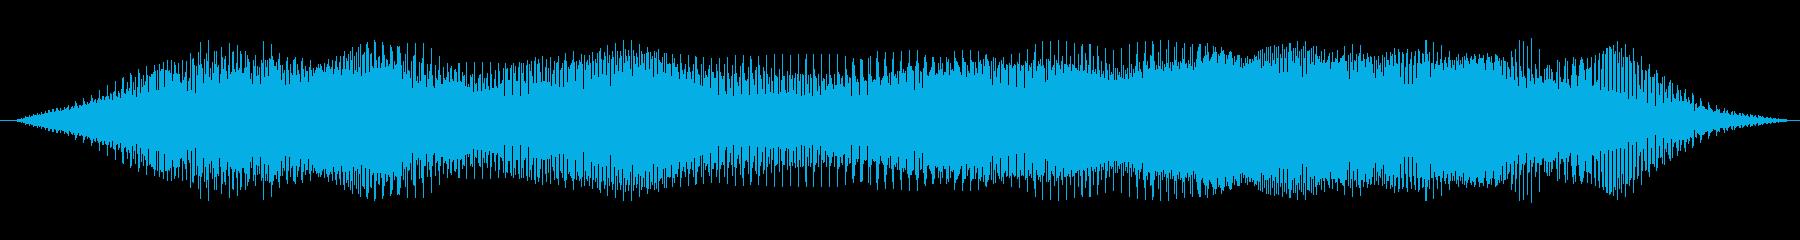 ドローン わずかなutter音01の再生済みの波形